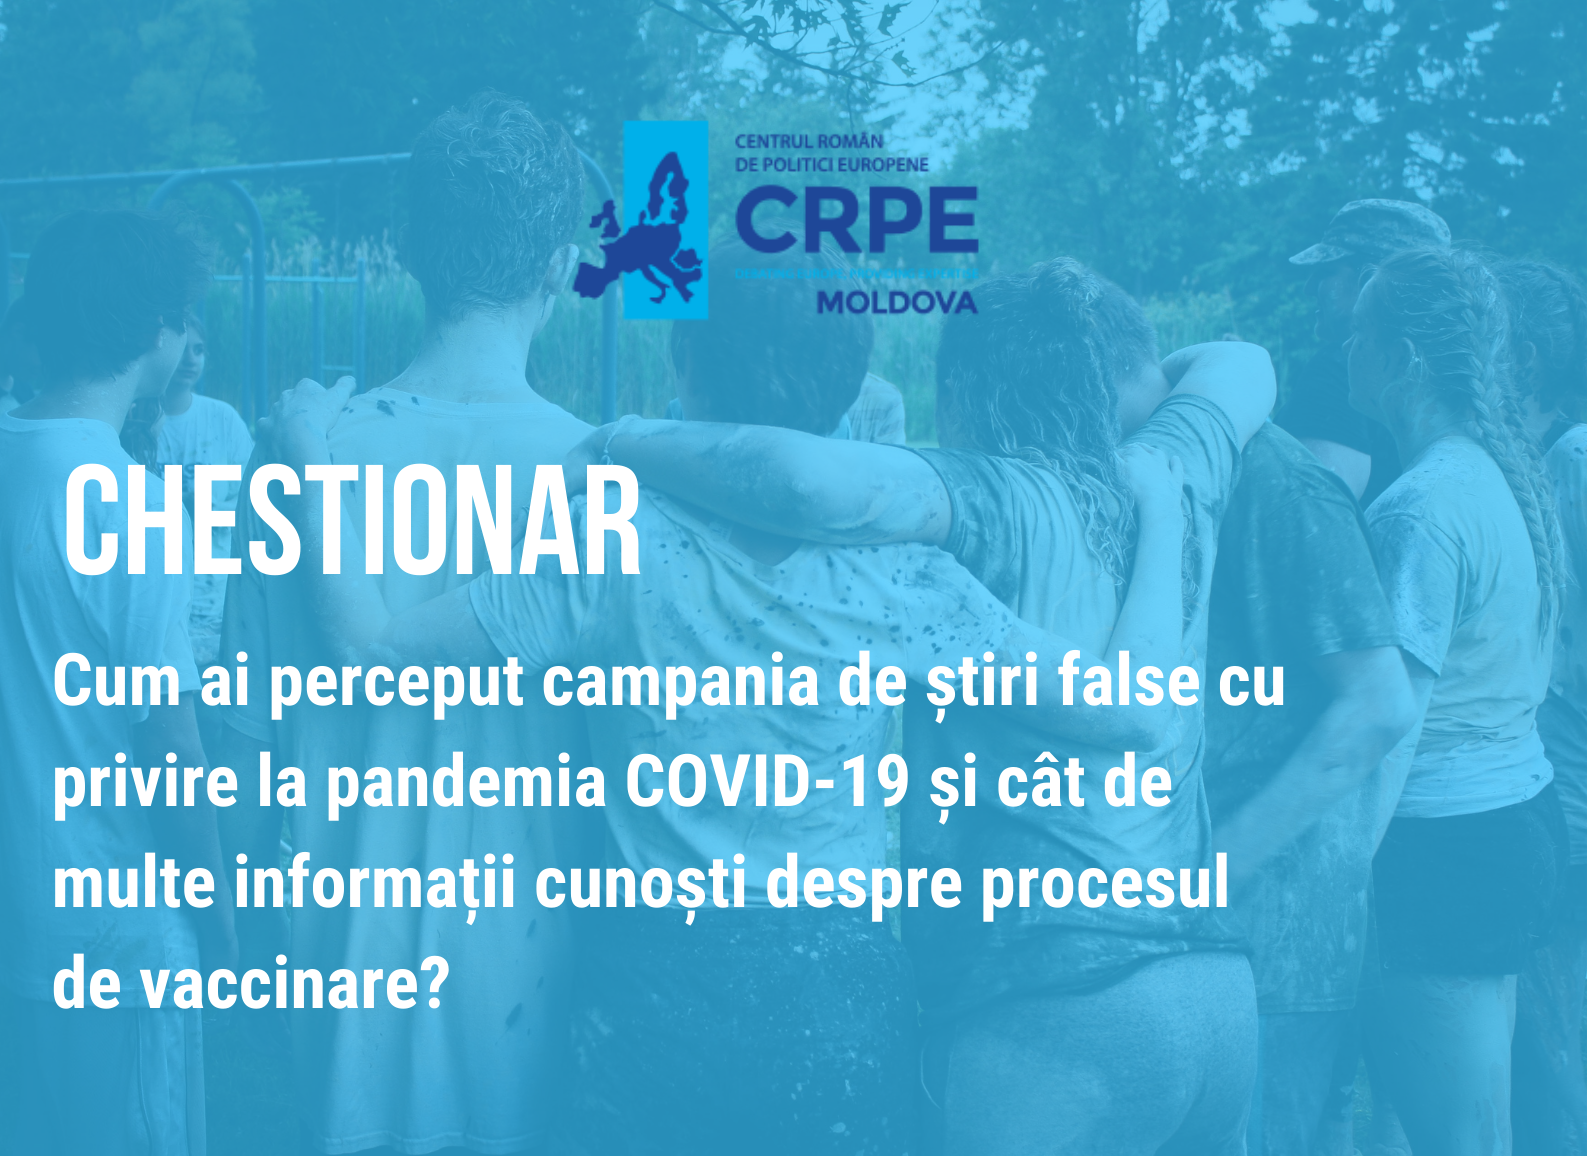 Chestionar: Cum ai perceput campania de știri false cu privire la pandemia COVID-19 și cât de multe informații cunoști despre procesul de vaccinare?